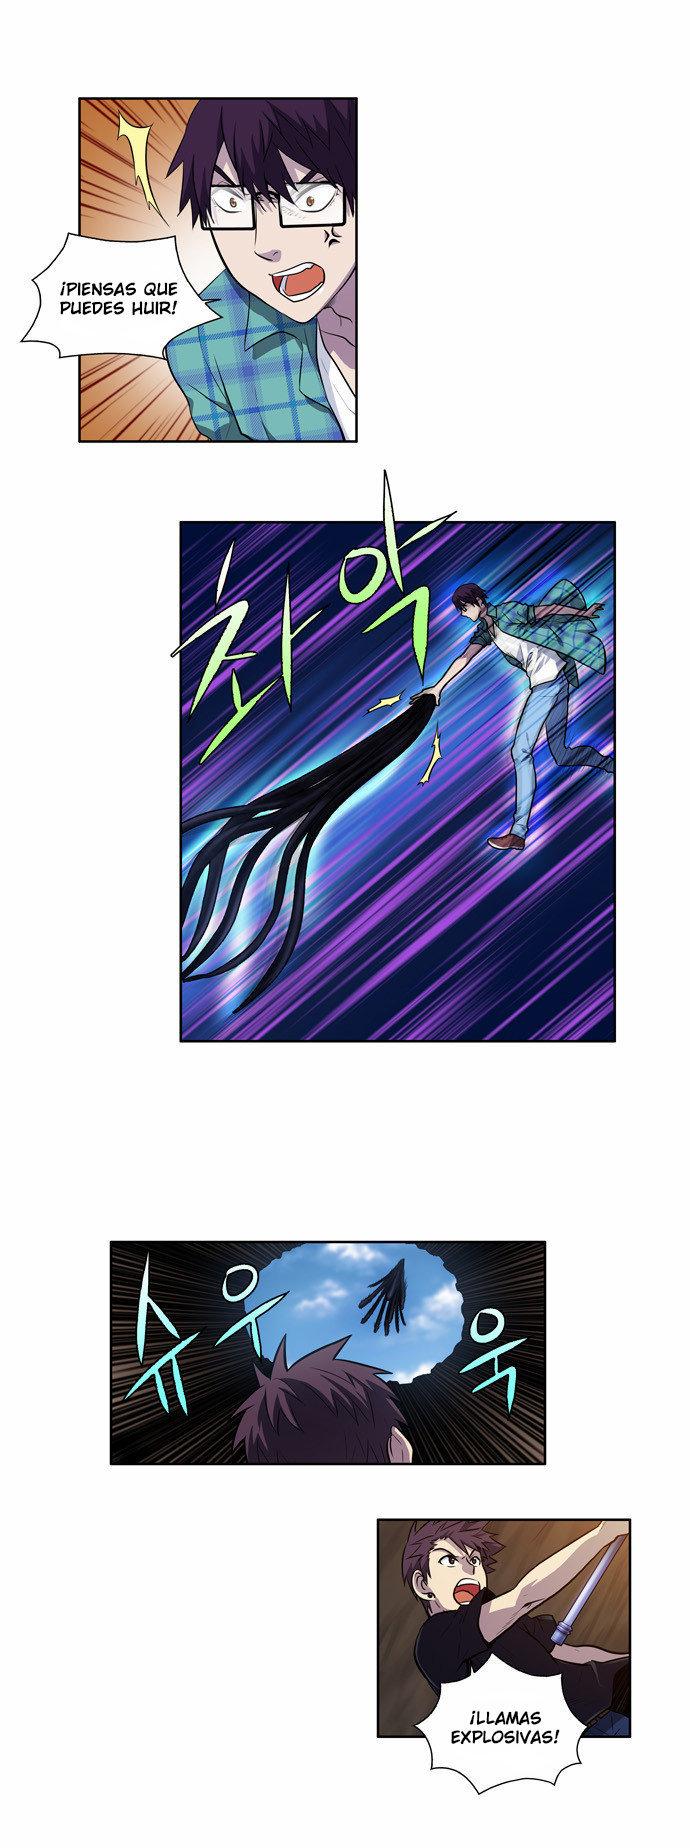 http://c5.ninemanga.com/es_manga/61/1725/439979/02ff9da844ffbab5c01c0cd06386b958.jpg Page 7